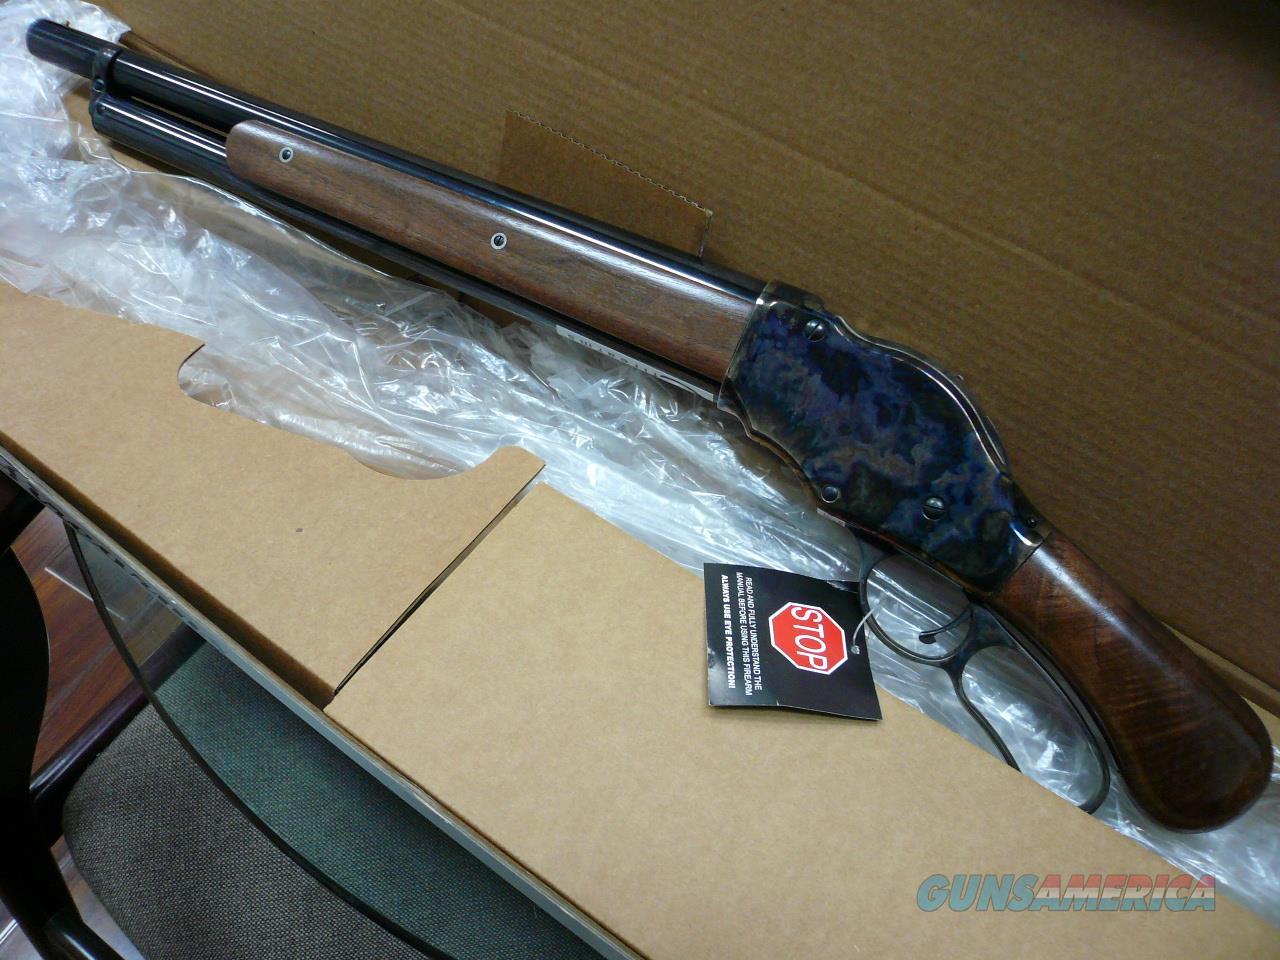 1887 (LEVER ACTION SHOTGUN) 12ga  Guns > Shotguns > Chiappa / Armi Sport Shotguns > 1887 Lever Shotgun